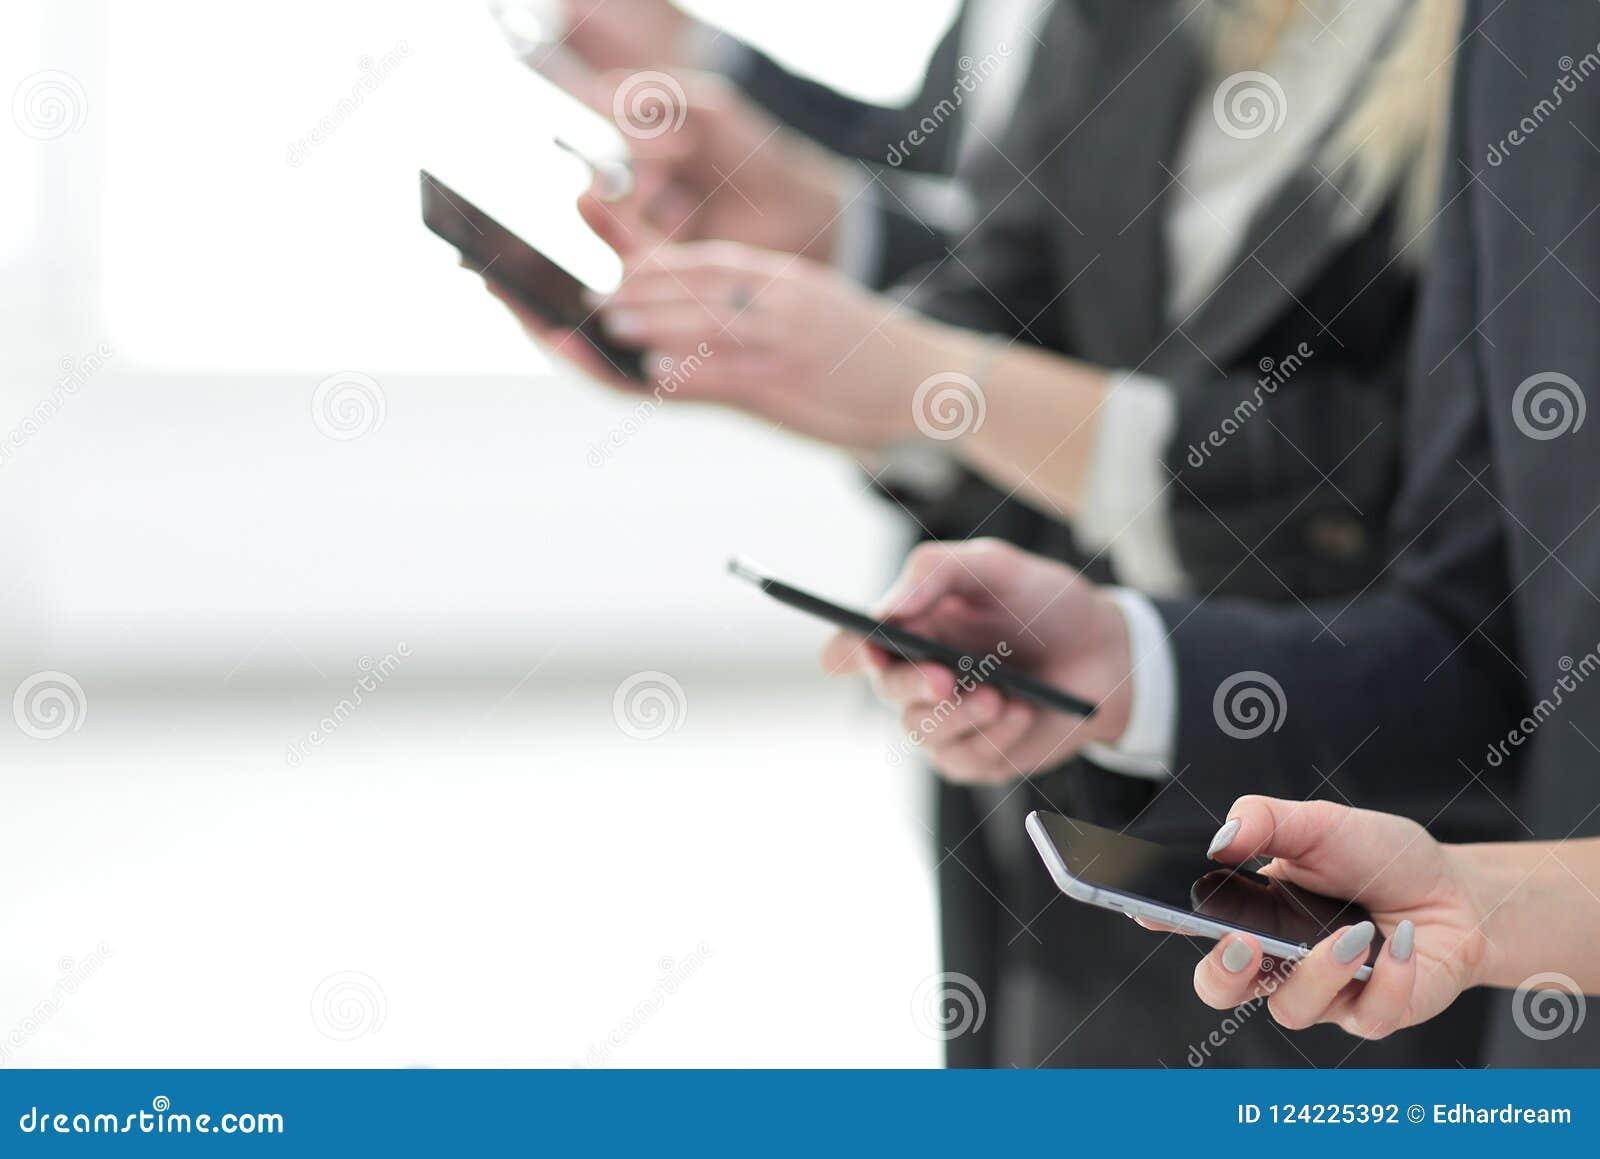 Επιχειρησιακή ομάδα που εξετάζει τις οθόνες των smartphones τους